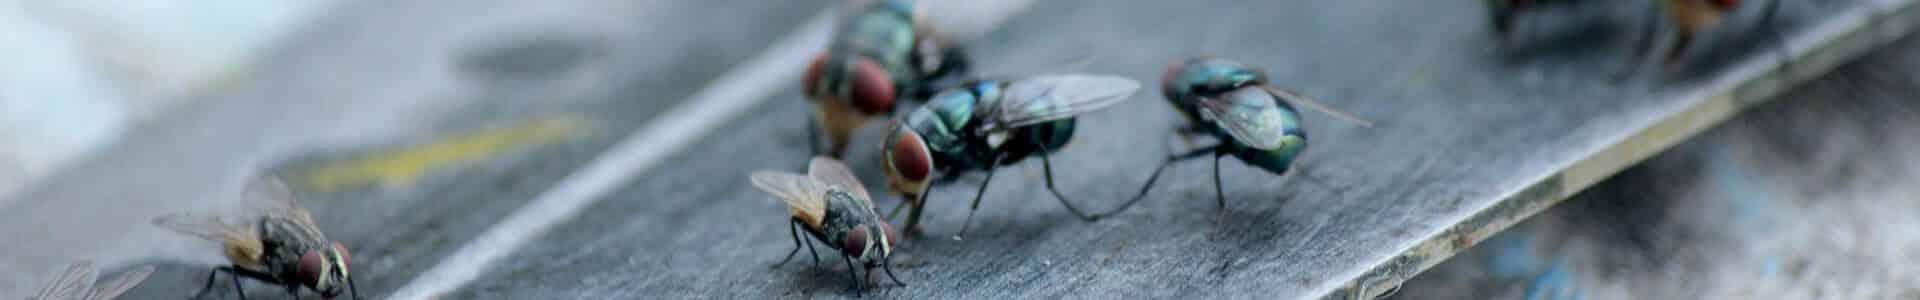 Infestation de mouches